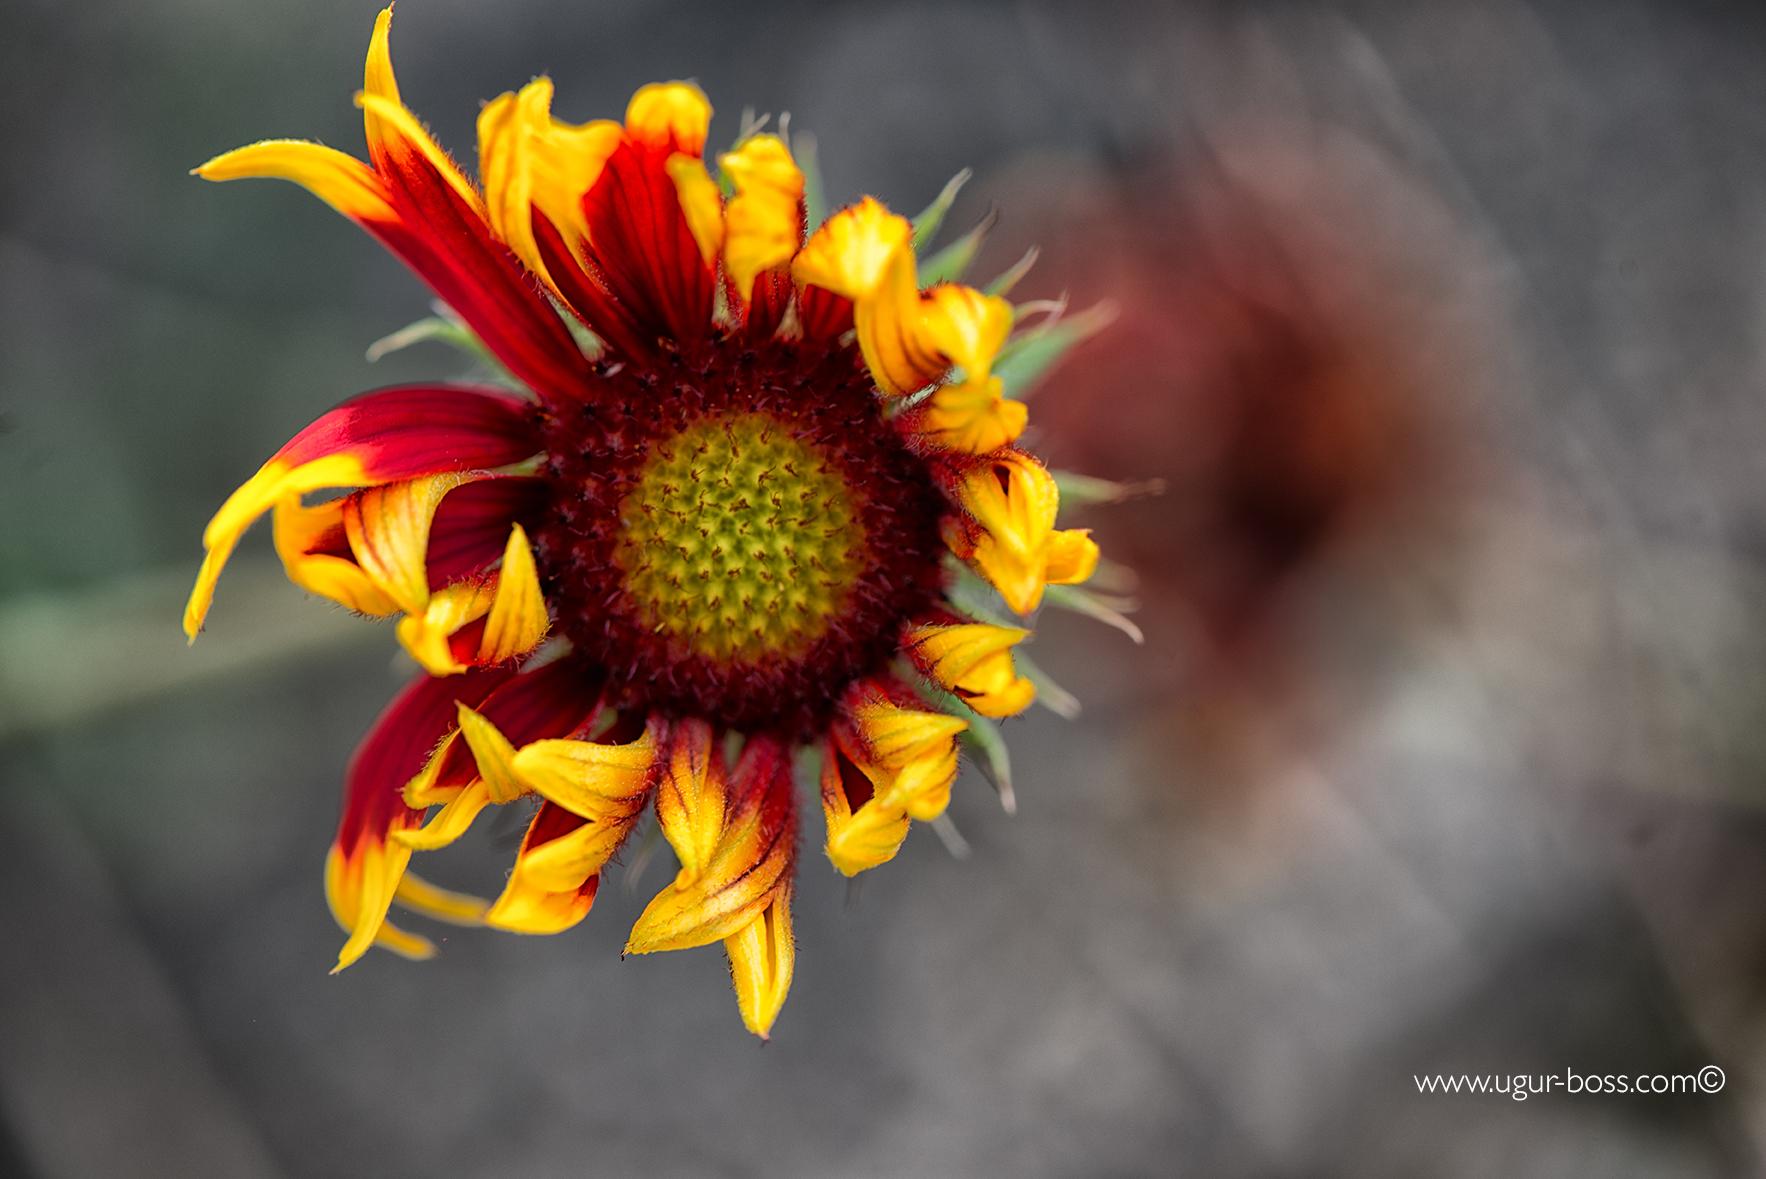 Zierpflanzen pflanzenblog for Design von zierpflanzen